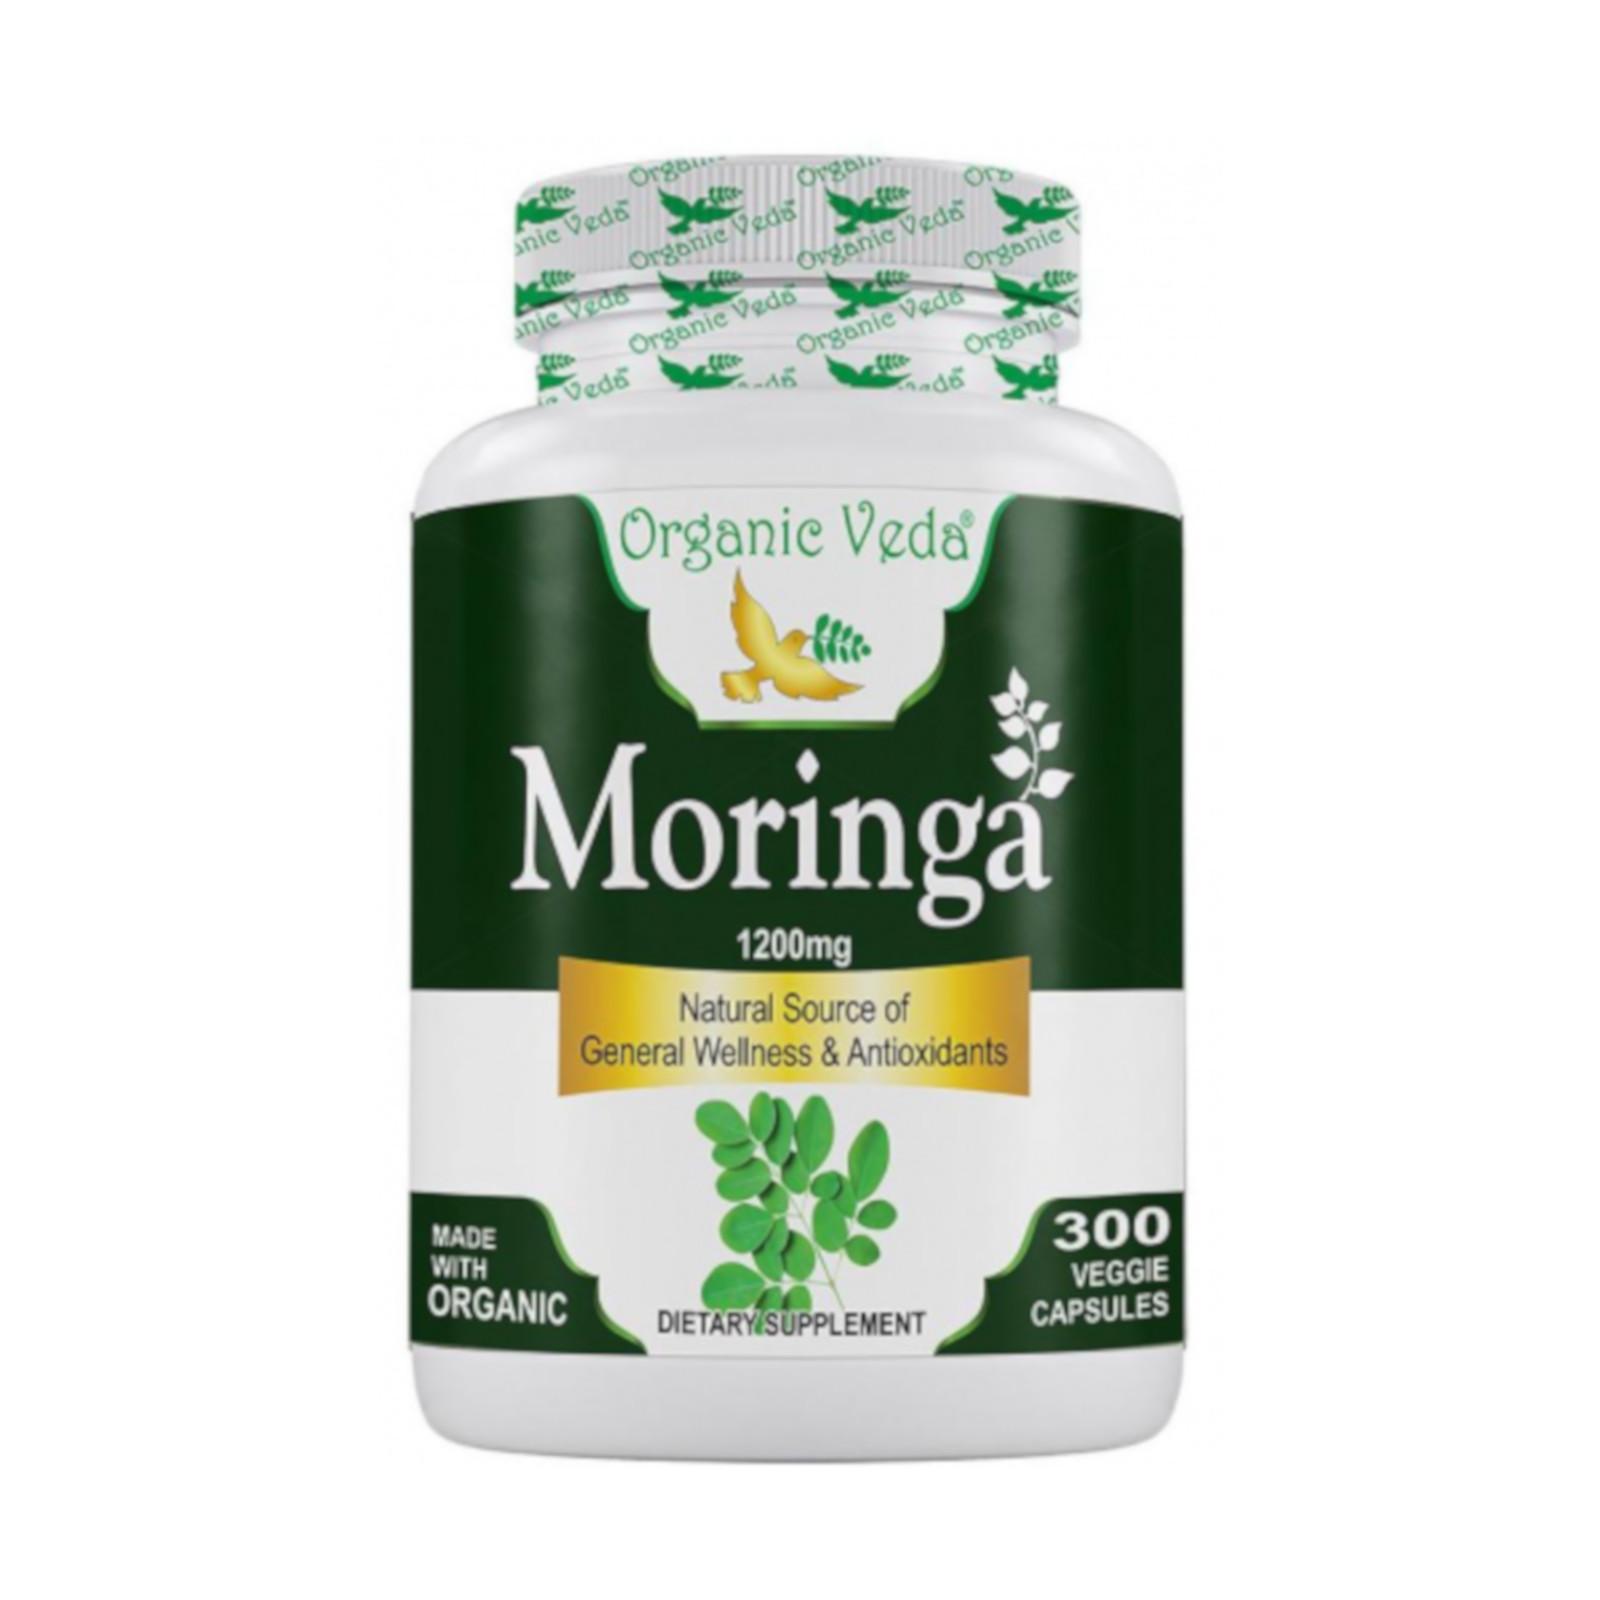 Organic Veda Moringa 300 Capsules